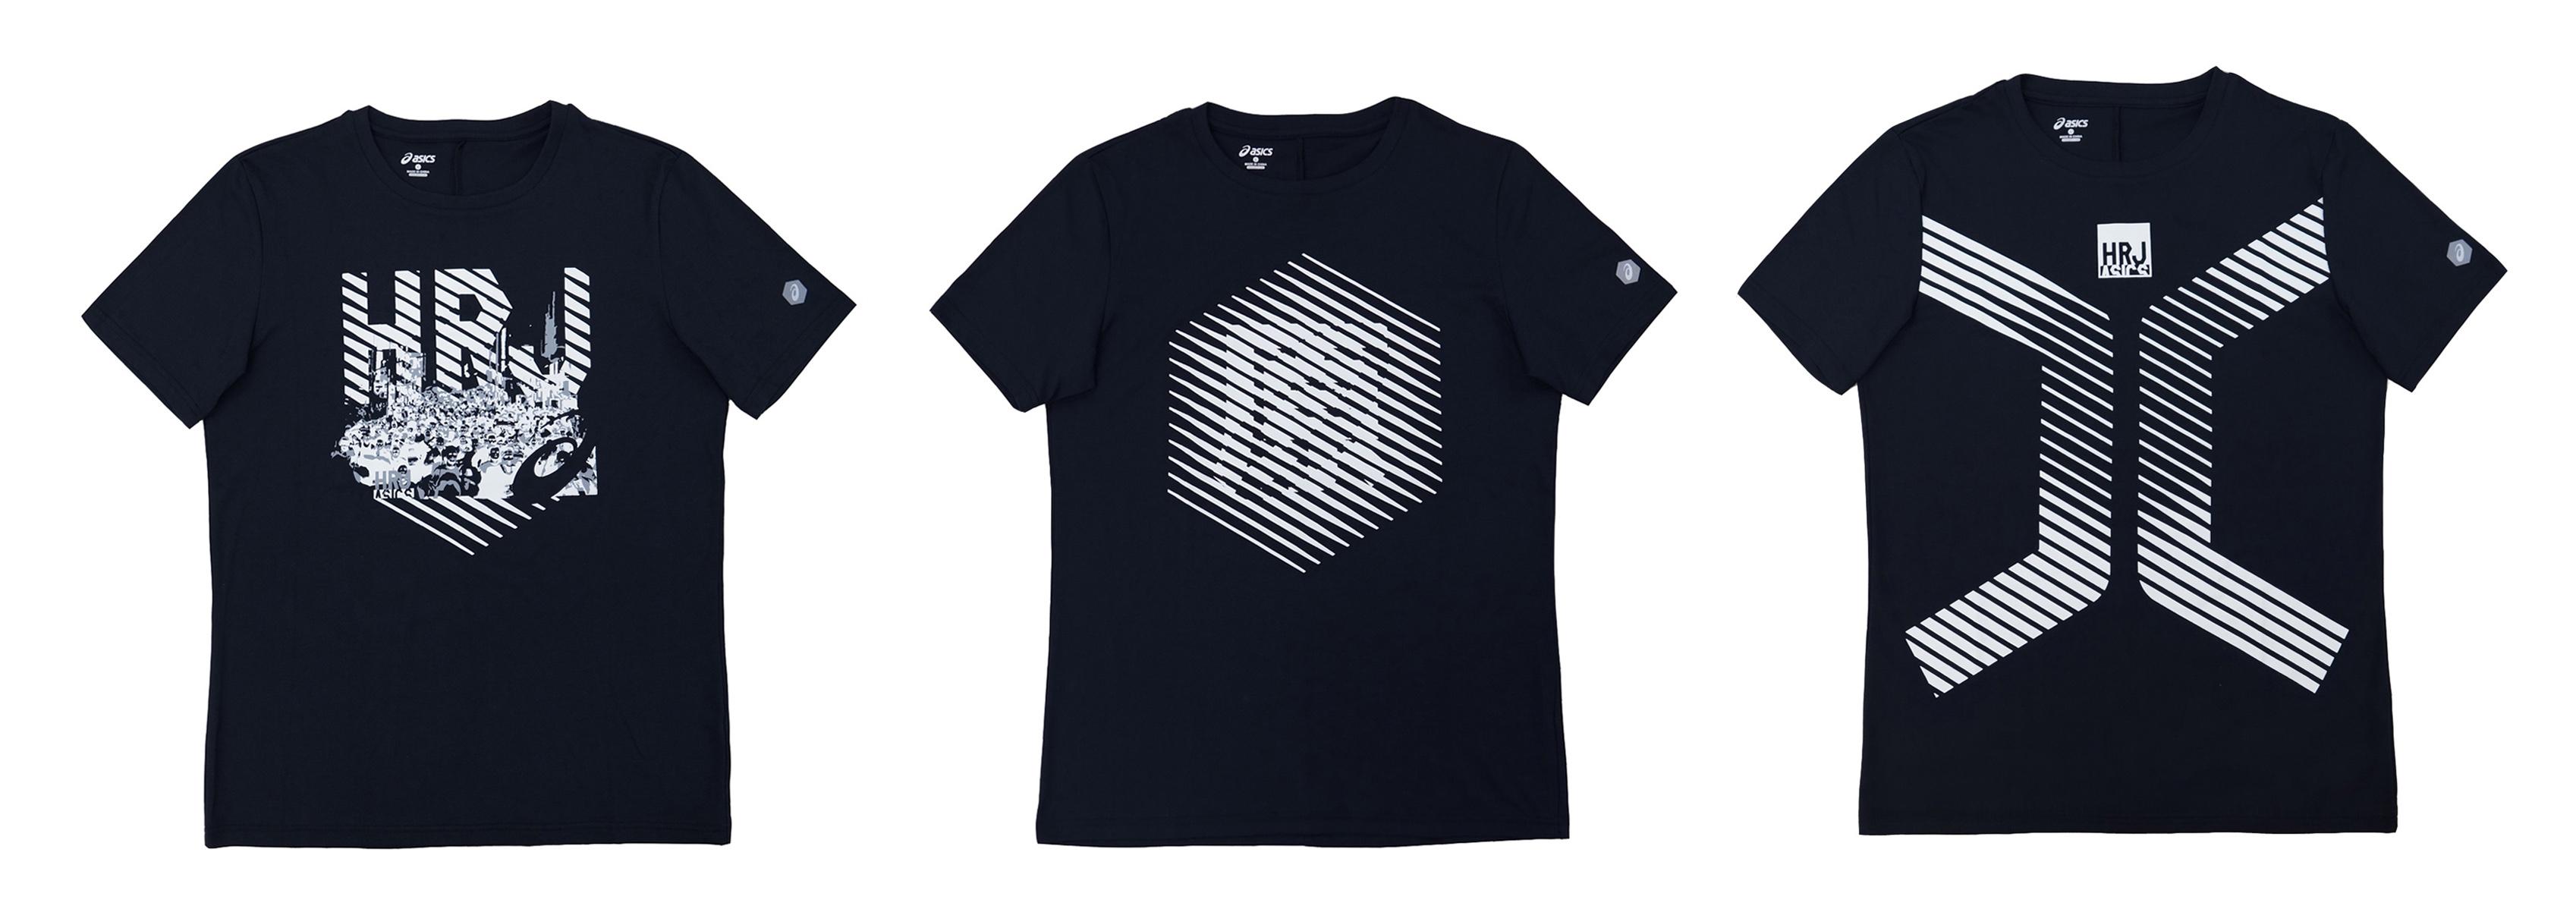 アシックス 国内最大の旗艦店のオープン記念商品! 「原宿フラッグシップ」限定Tシャツを発売 asics